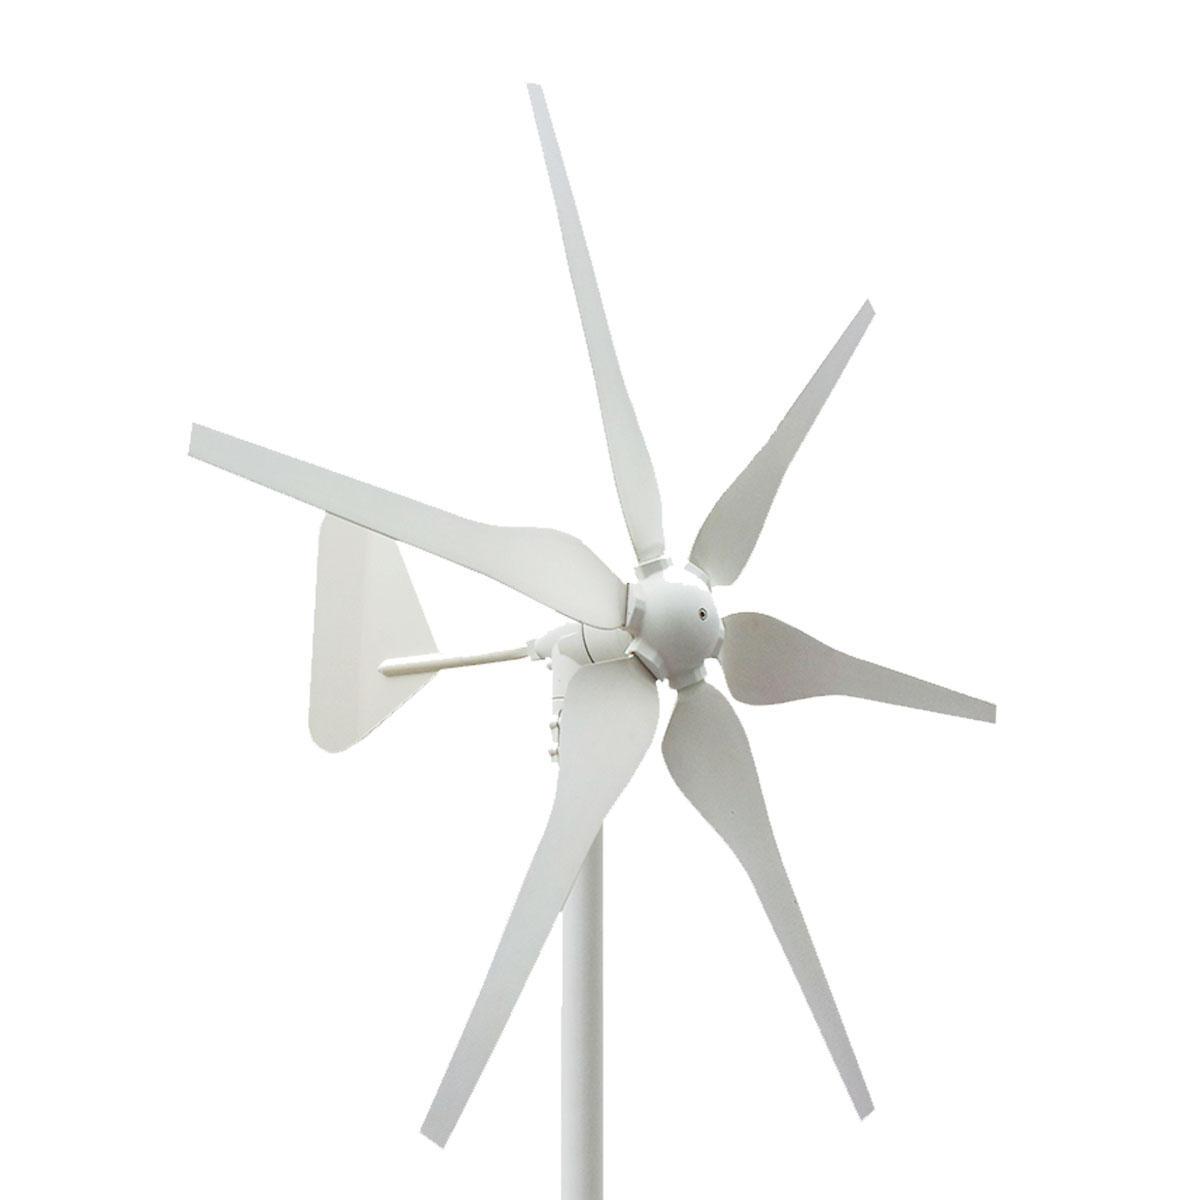 Turbine de générateur de vent horizontal de 500W 6 lames 12V / 24V résidentiel avec le contrôleur